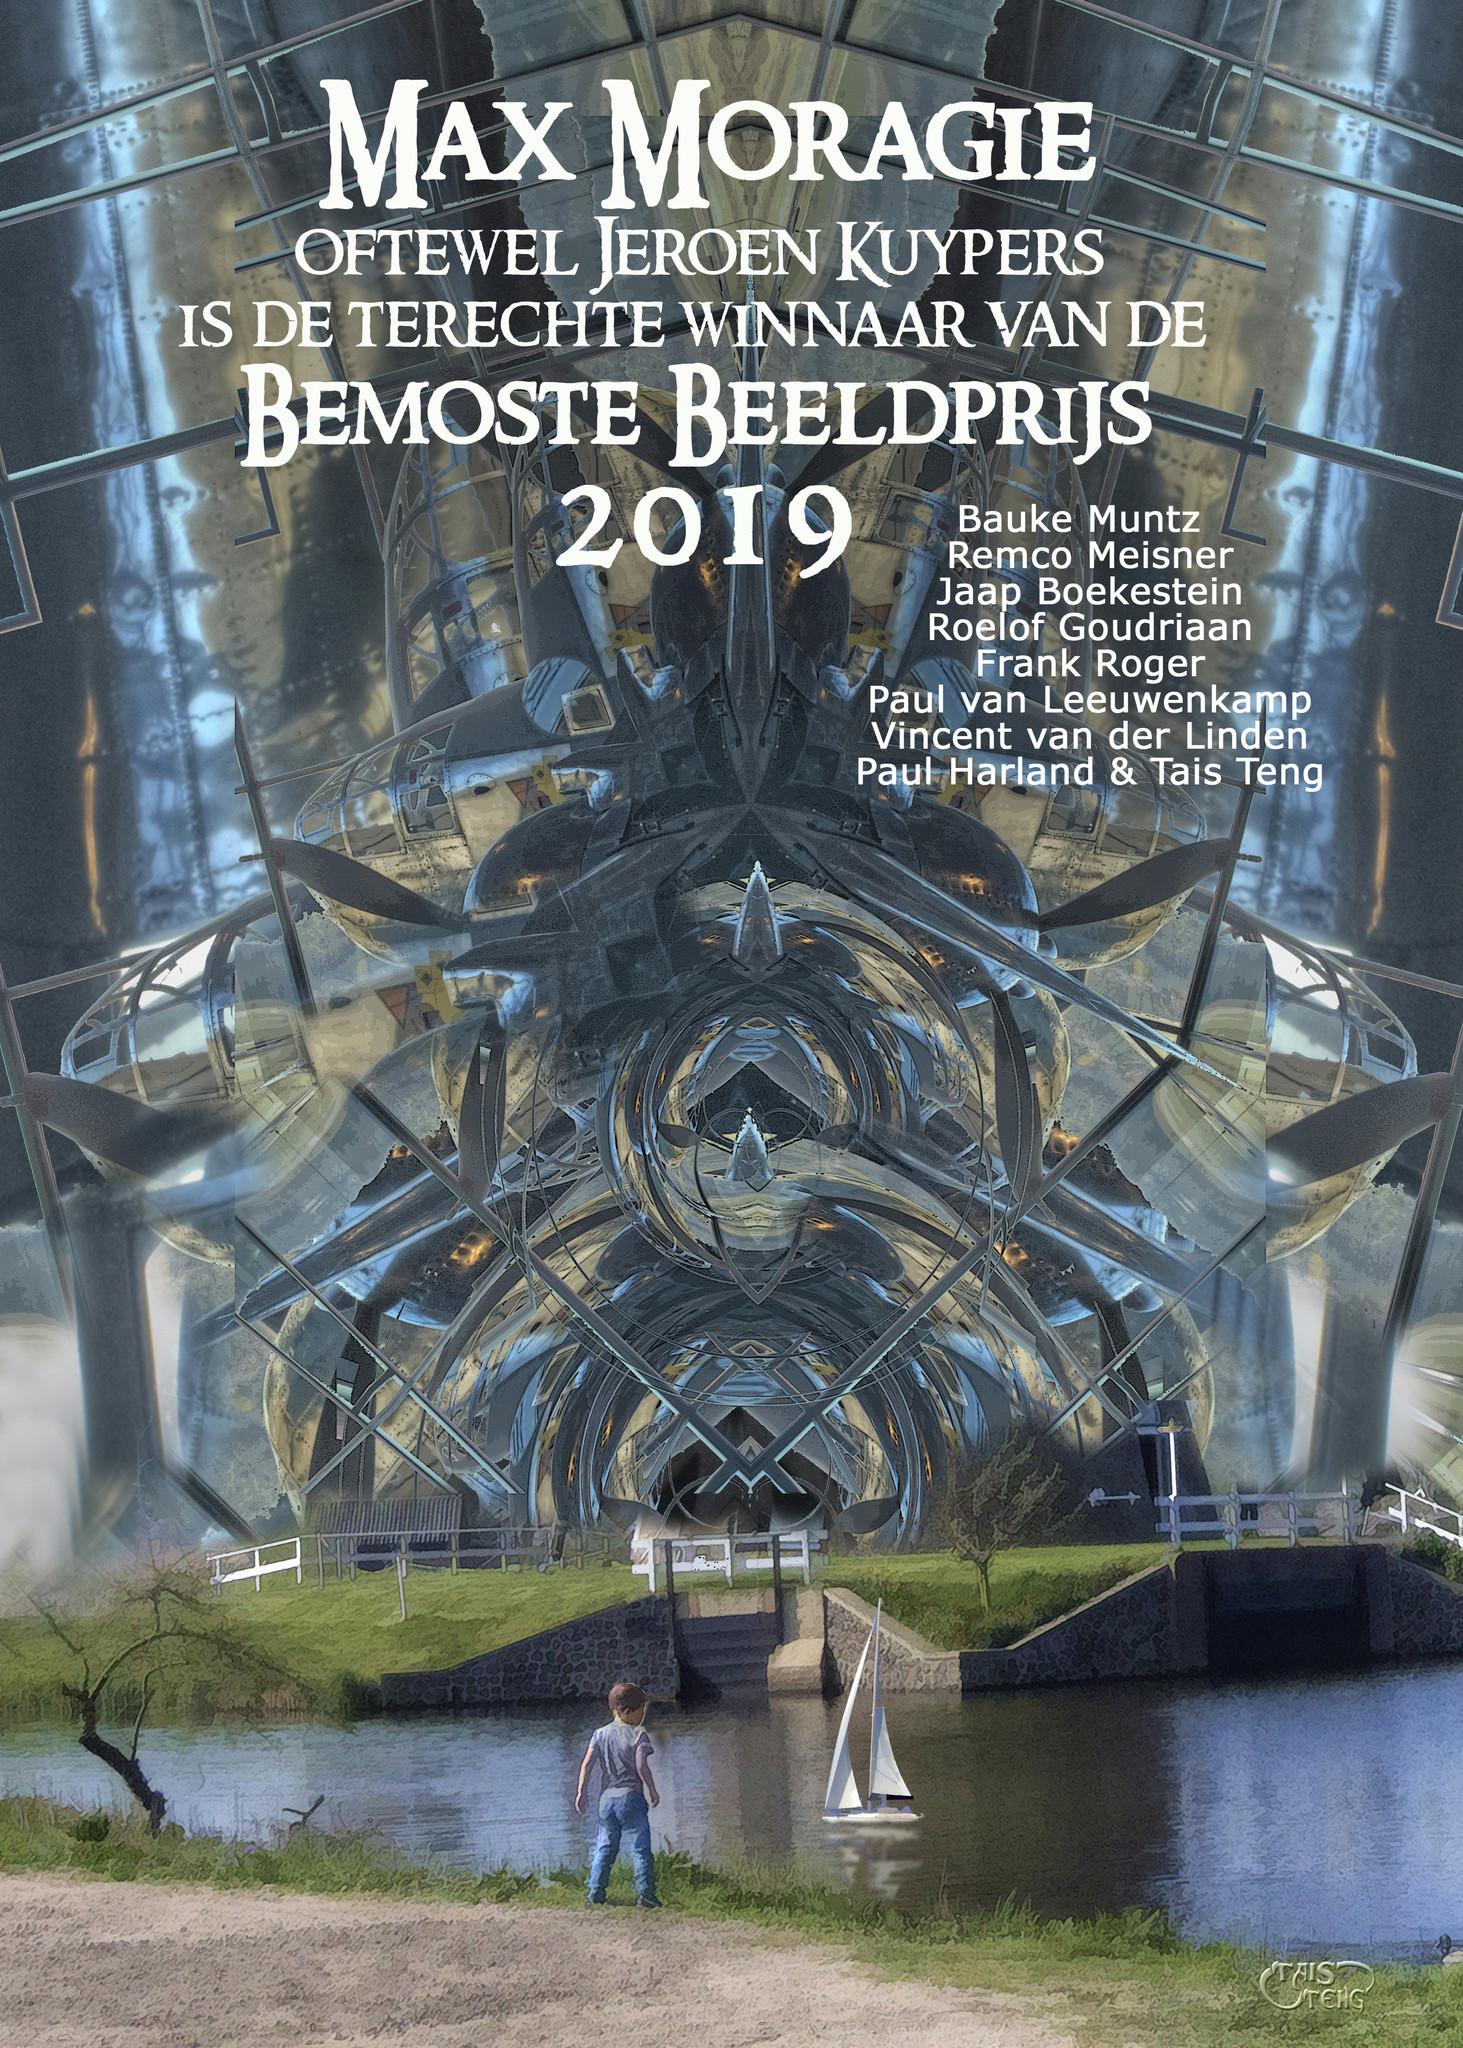 De Bemoste Beeld-prijs oorkonde van Max Moragie